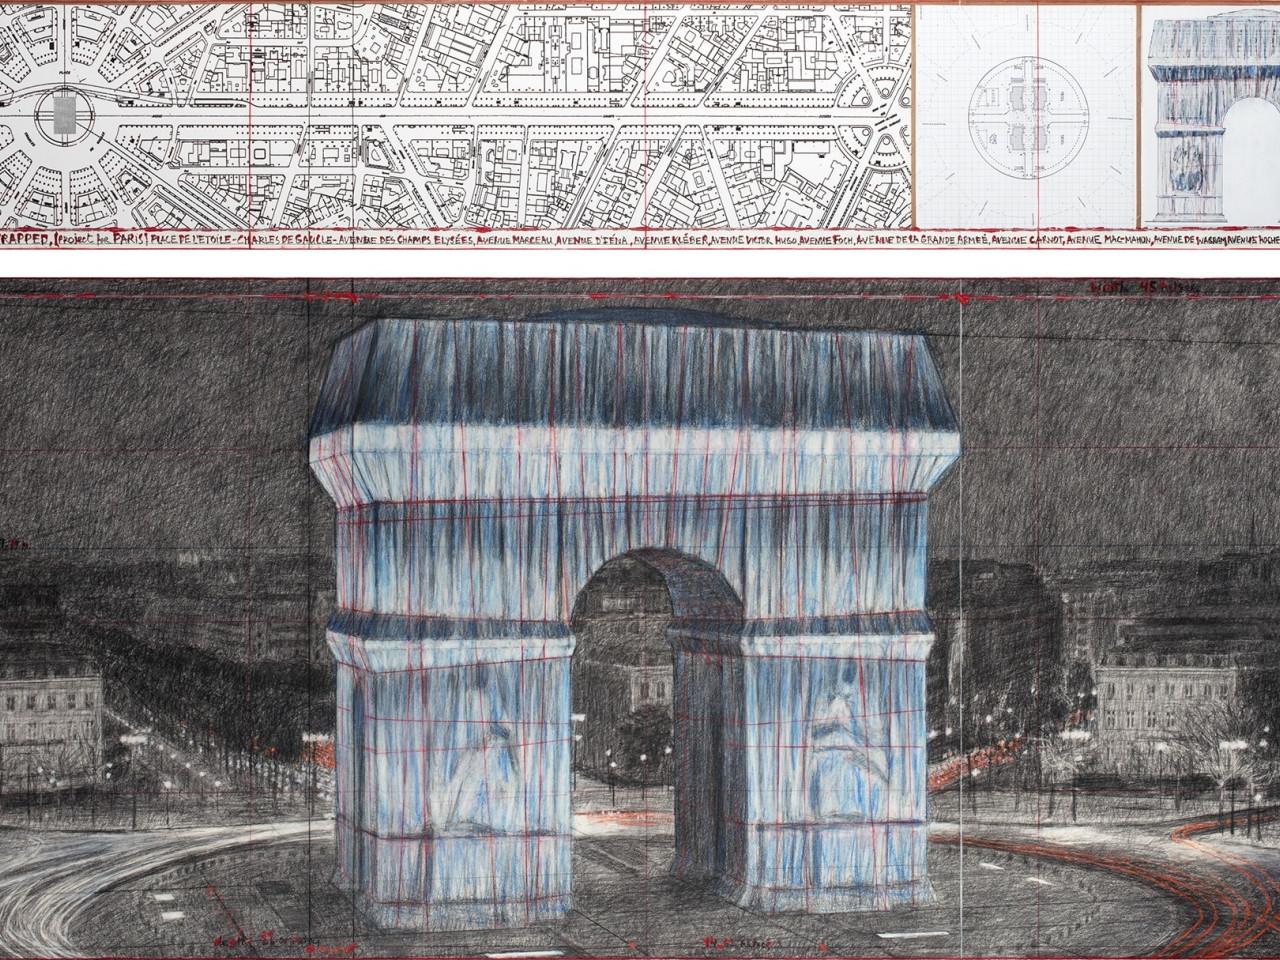 Parigi impacchetta l'Arco di Trionfo